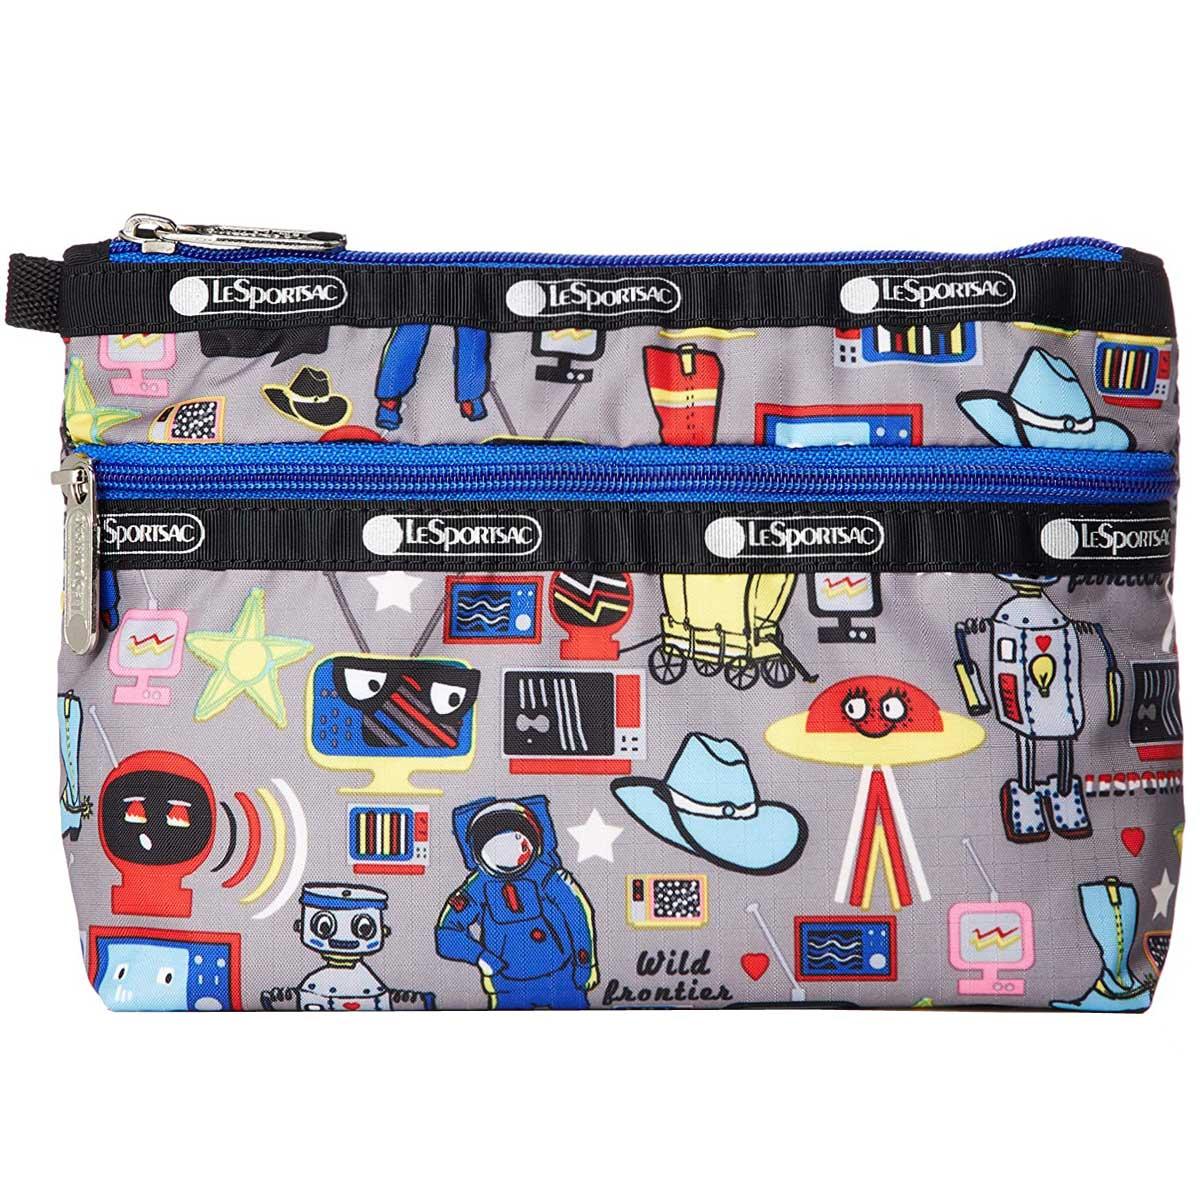 レスポートサック 7105 E292 COSMETIC CLUTCH ポーチ BUCKAROO グレー系マルチカラー 化粧ポーチ マルチポーチ トラベル ギフト 新品